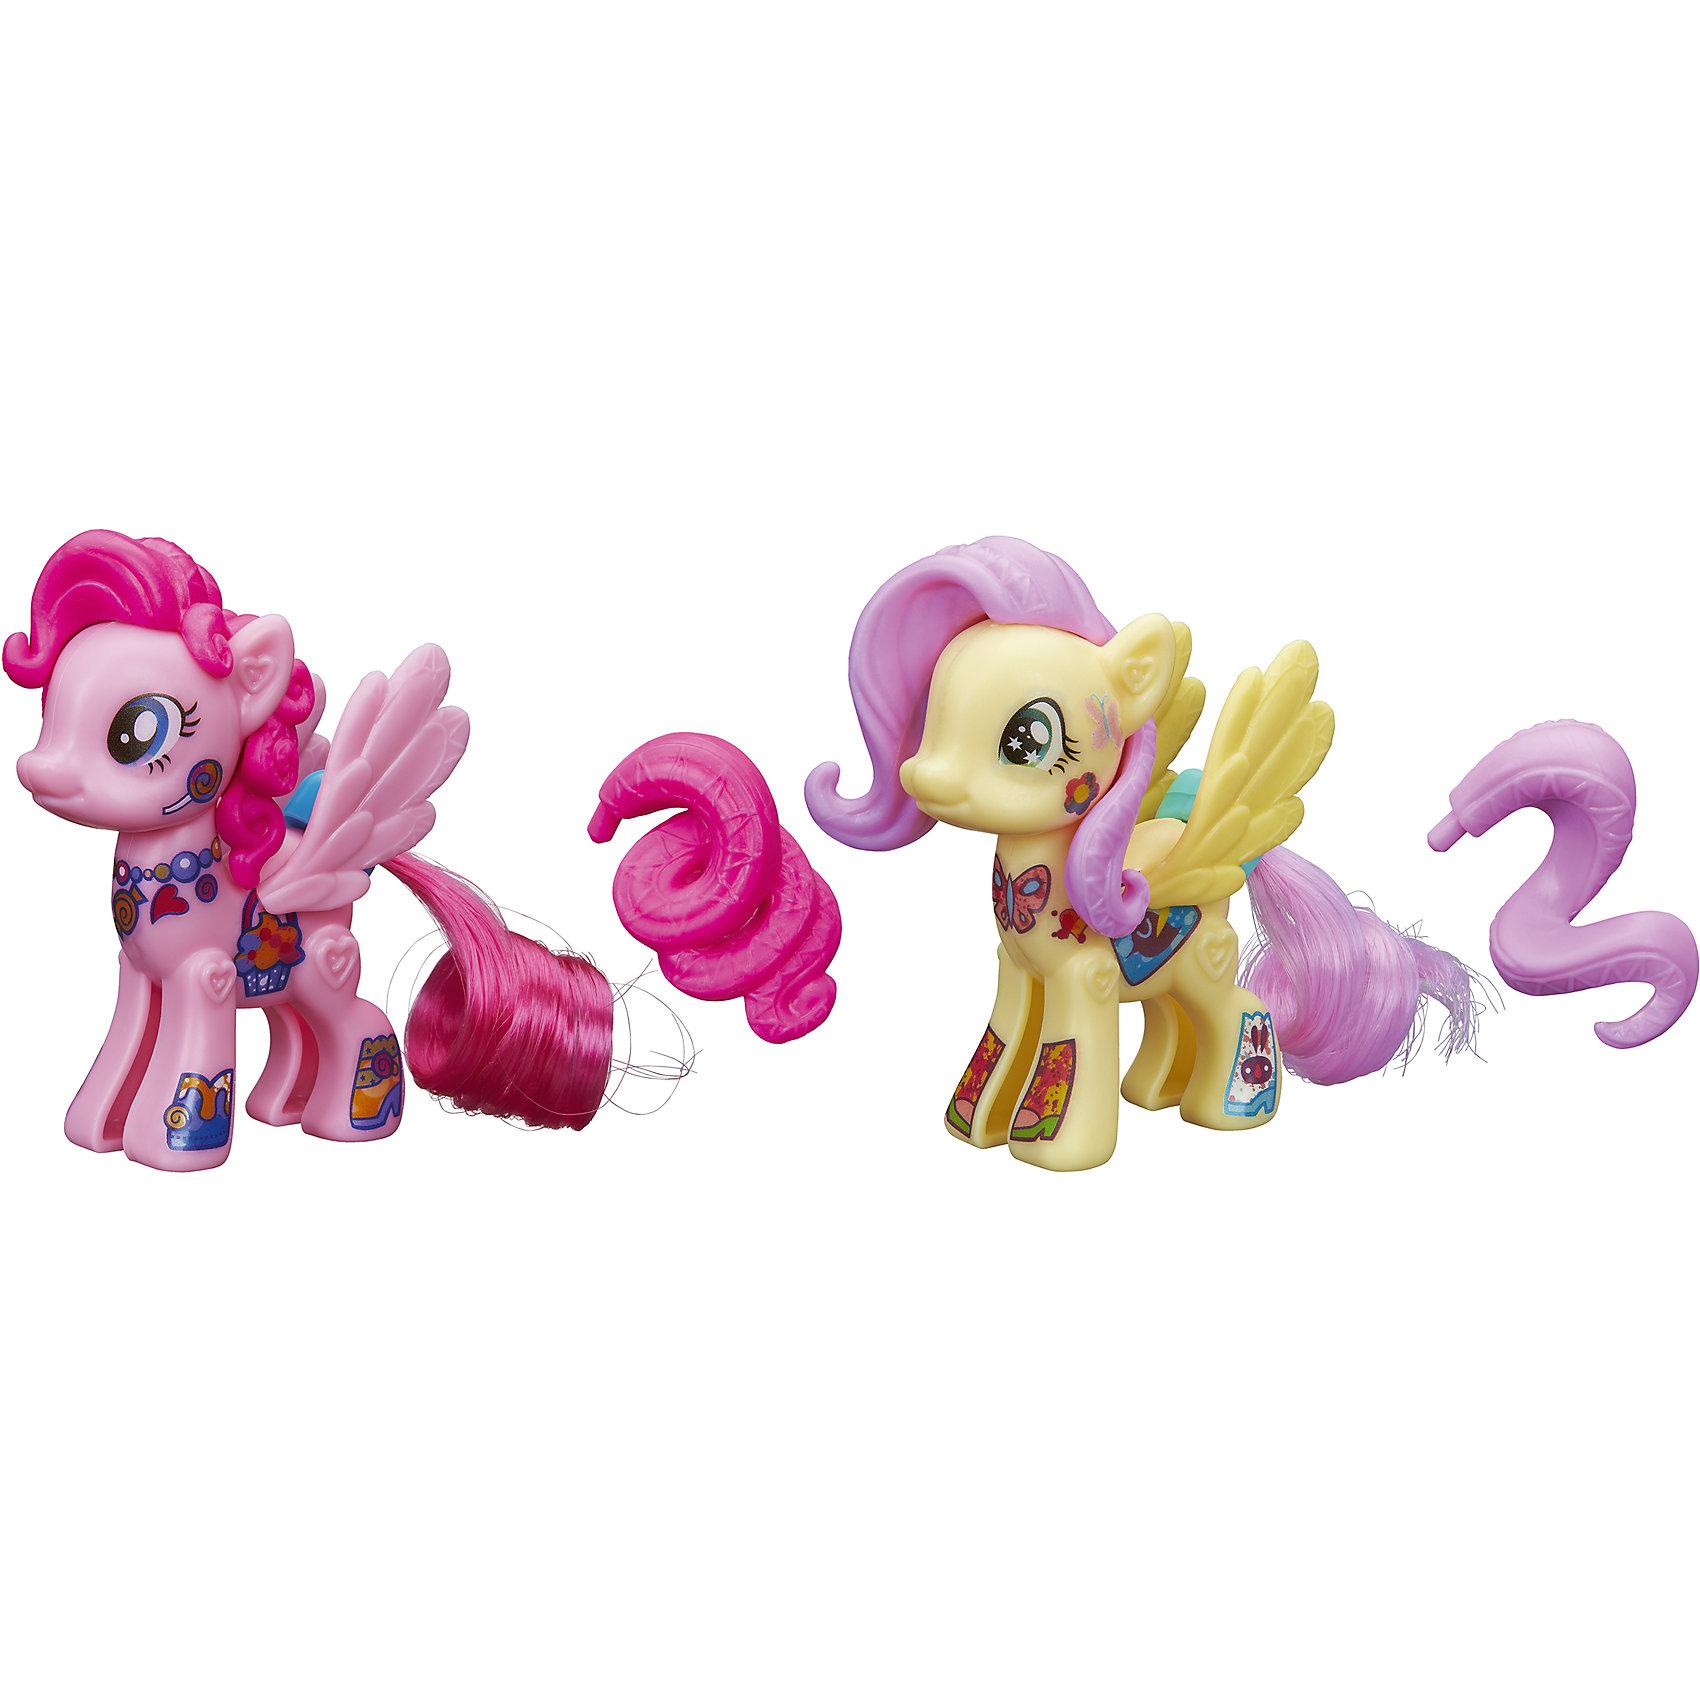 Флаттершай и Пинки Пай, стильные пони Создай свою пони, My little Pony, B3589/B4970Стильные пони Создай свою пони, My little Pony, B3589/B4970.<br><br>Характеристики:<br><br>- В наборе: две фигурки пони (каждая из двух половинок) Флаттершай и Пинки Пай, две пары красивых резных крыльев, две пряди, две пластмассовые гривы, два пластмассовых хвоста, наклейки<br>- Можно комбинировать с другими наборами серии<br>- Материал: высококачественная пластмасса<br>- Размер упаковки: 21x14x2,5 см.<br><br>Игровой набор Создай свою пони станет приятным подарком для девочки - поклонницы мультсериала Моя маленькая пони. Дружба - это чудо!. Малышка сможет самостоятельно соединить две части пони вместе и создать неповторимый образ для Флаттершай и Пинки Пай, подобрав гриву, хвостик и крылышки для своих любимиц. Игрушки выполнены из высококачественной пластмассы и имеют поразительное сходство с героями мультсериала. Игровой набор позволит придумать множество разных сюжетных линий, историй и развить фантазию и мелкую моторику. Фигурки отлично впишутся в коллекцию девочки и подарят ей множество положительных эмоций. Детали набора можно комбинировать с элементами из других наборов Создай свою пони.<br><br>Набор Стильные пони Создай свою пони, My little Pony, B3589/B4970 можно купить в нашем интернет-магазине.<br><br>Ширина мм: 25<br>Глубина мм: 140<br>Высота мм: 490<br>Вес г: 180<br>Возраст от месяцев: 48<br>Возраст до месяцев: 144<br>Пол: Женский<br>Возраст: Детский<br>SKU: 5064680